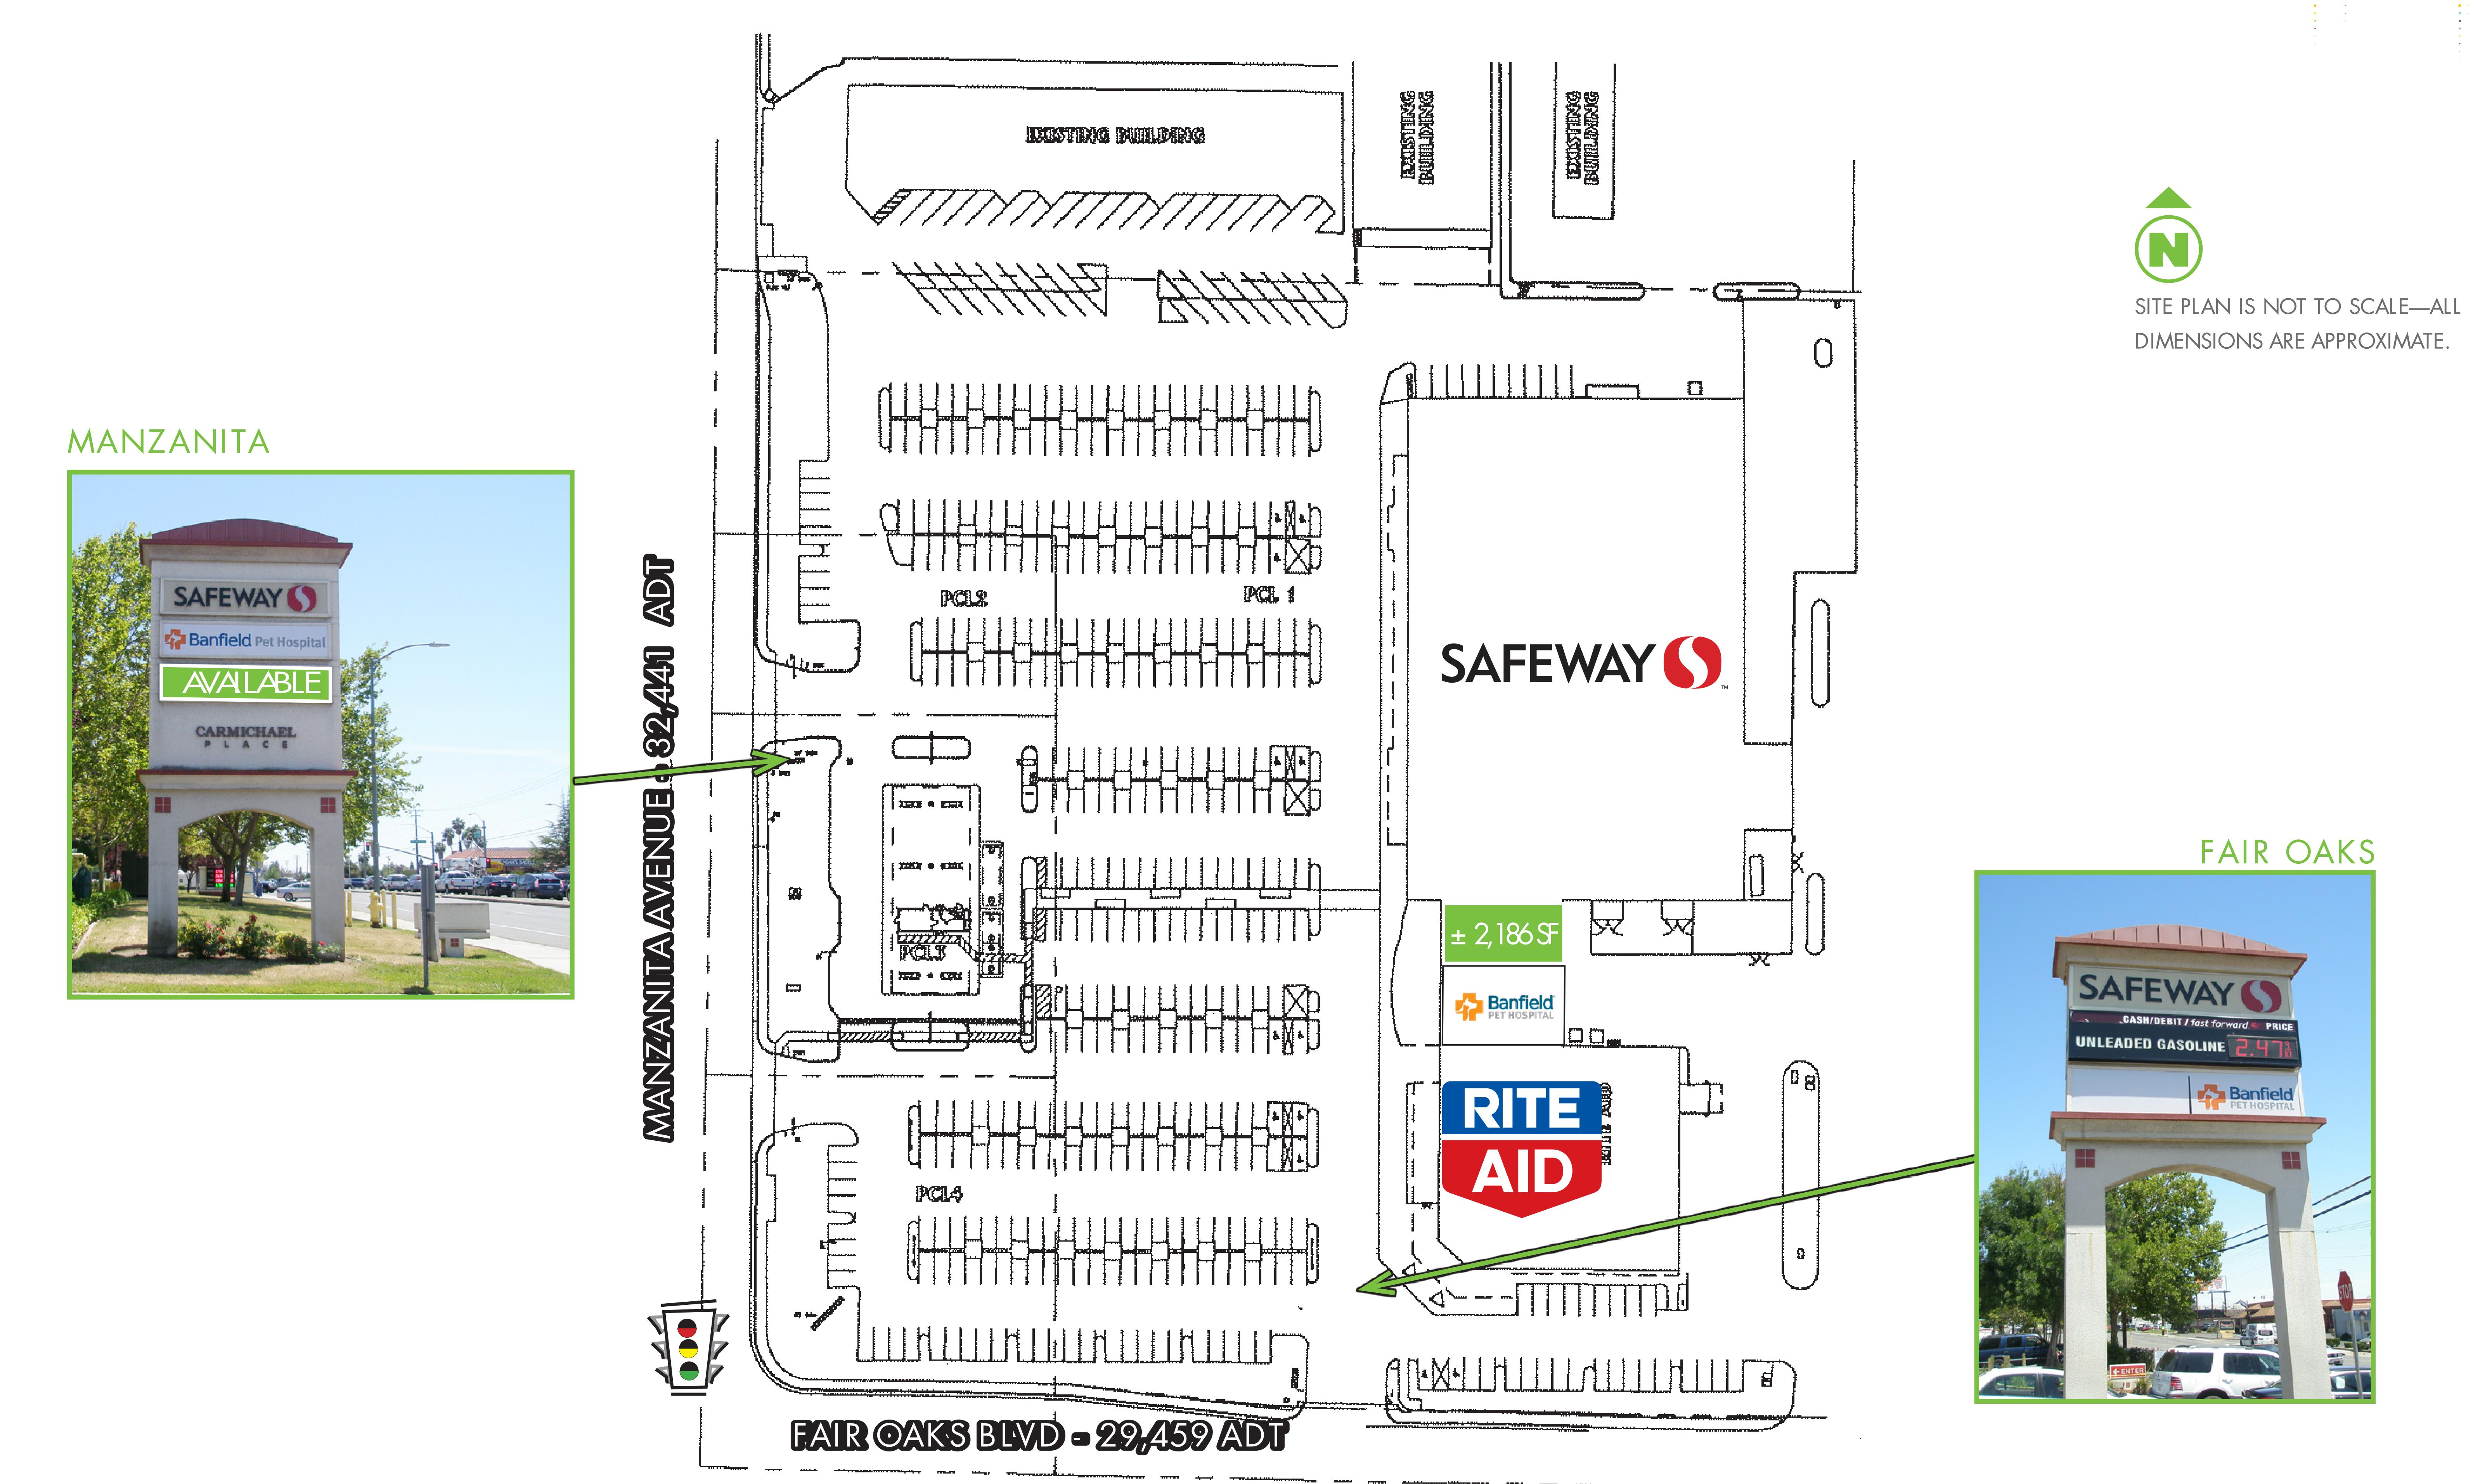 Carmichael Place: site plan